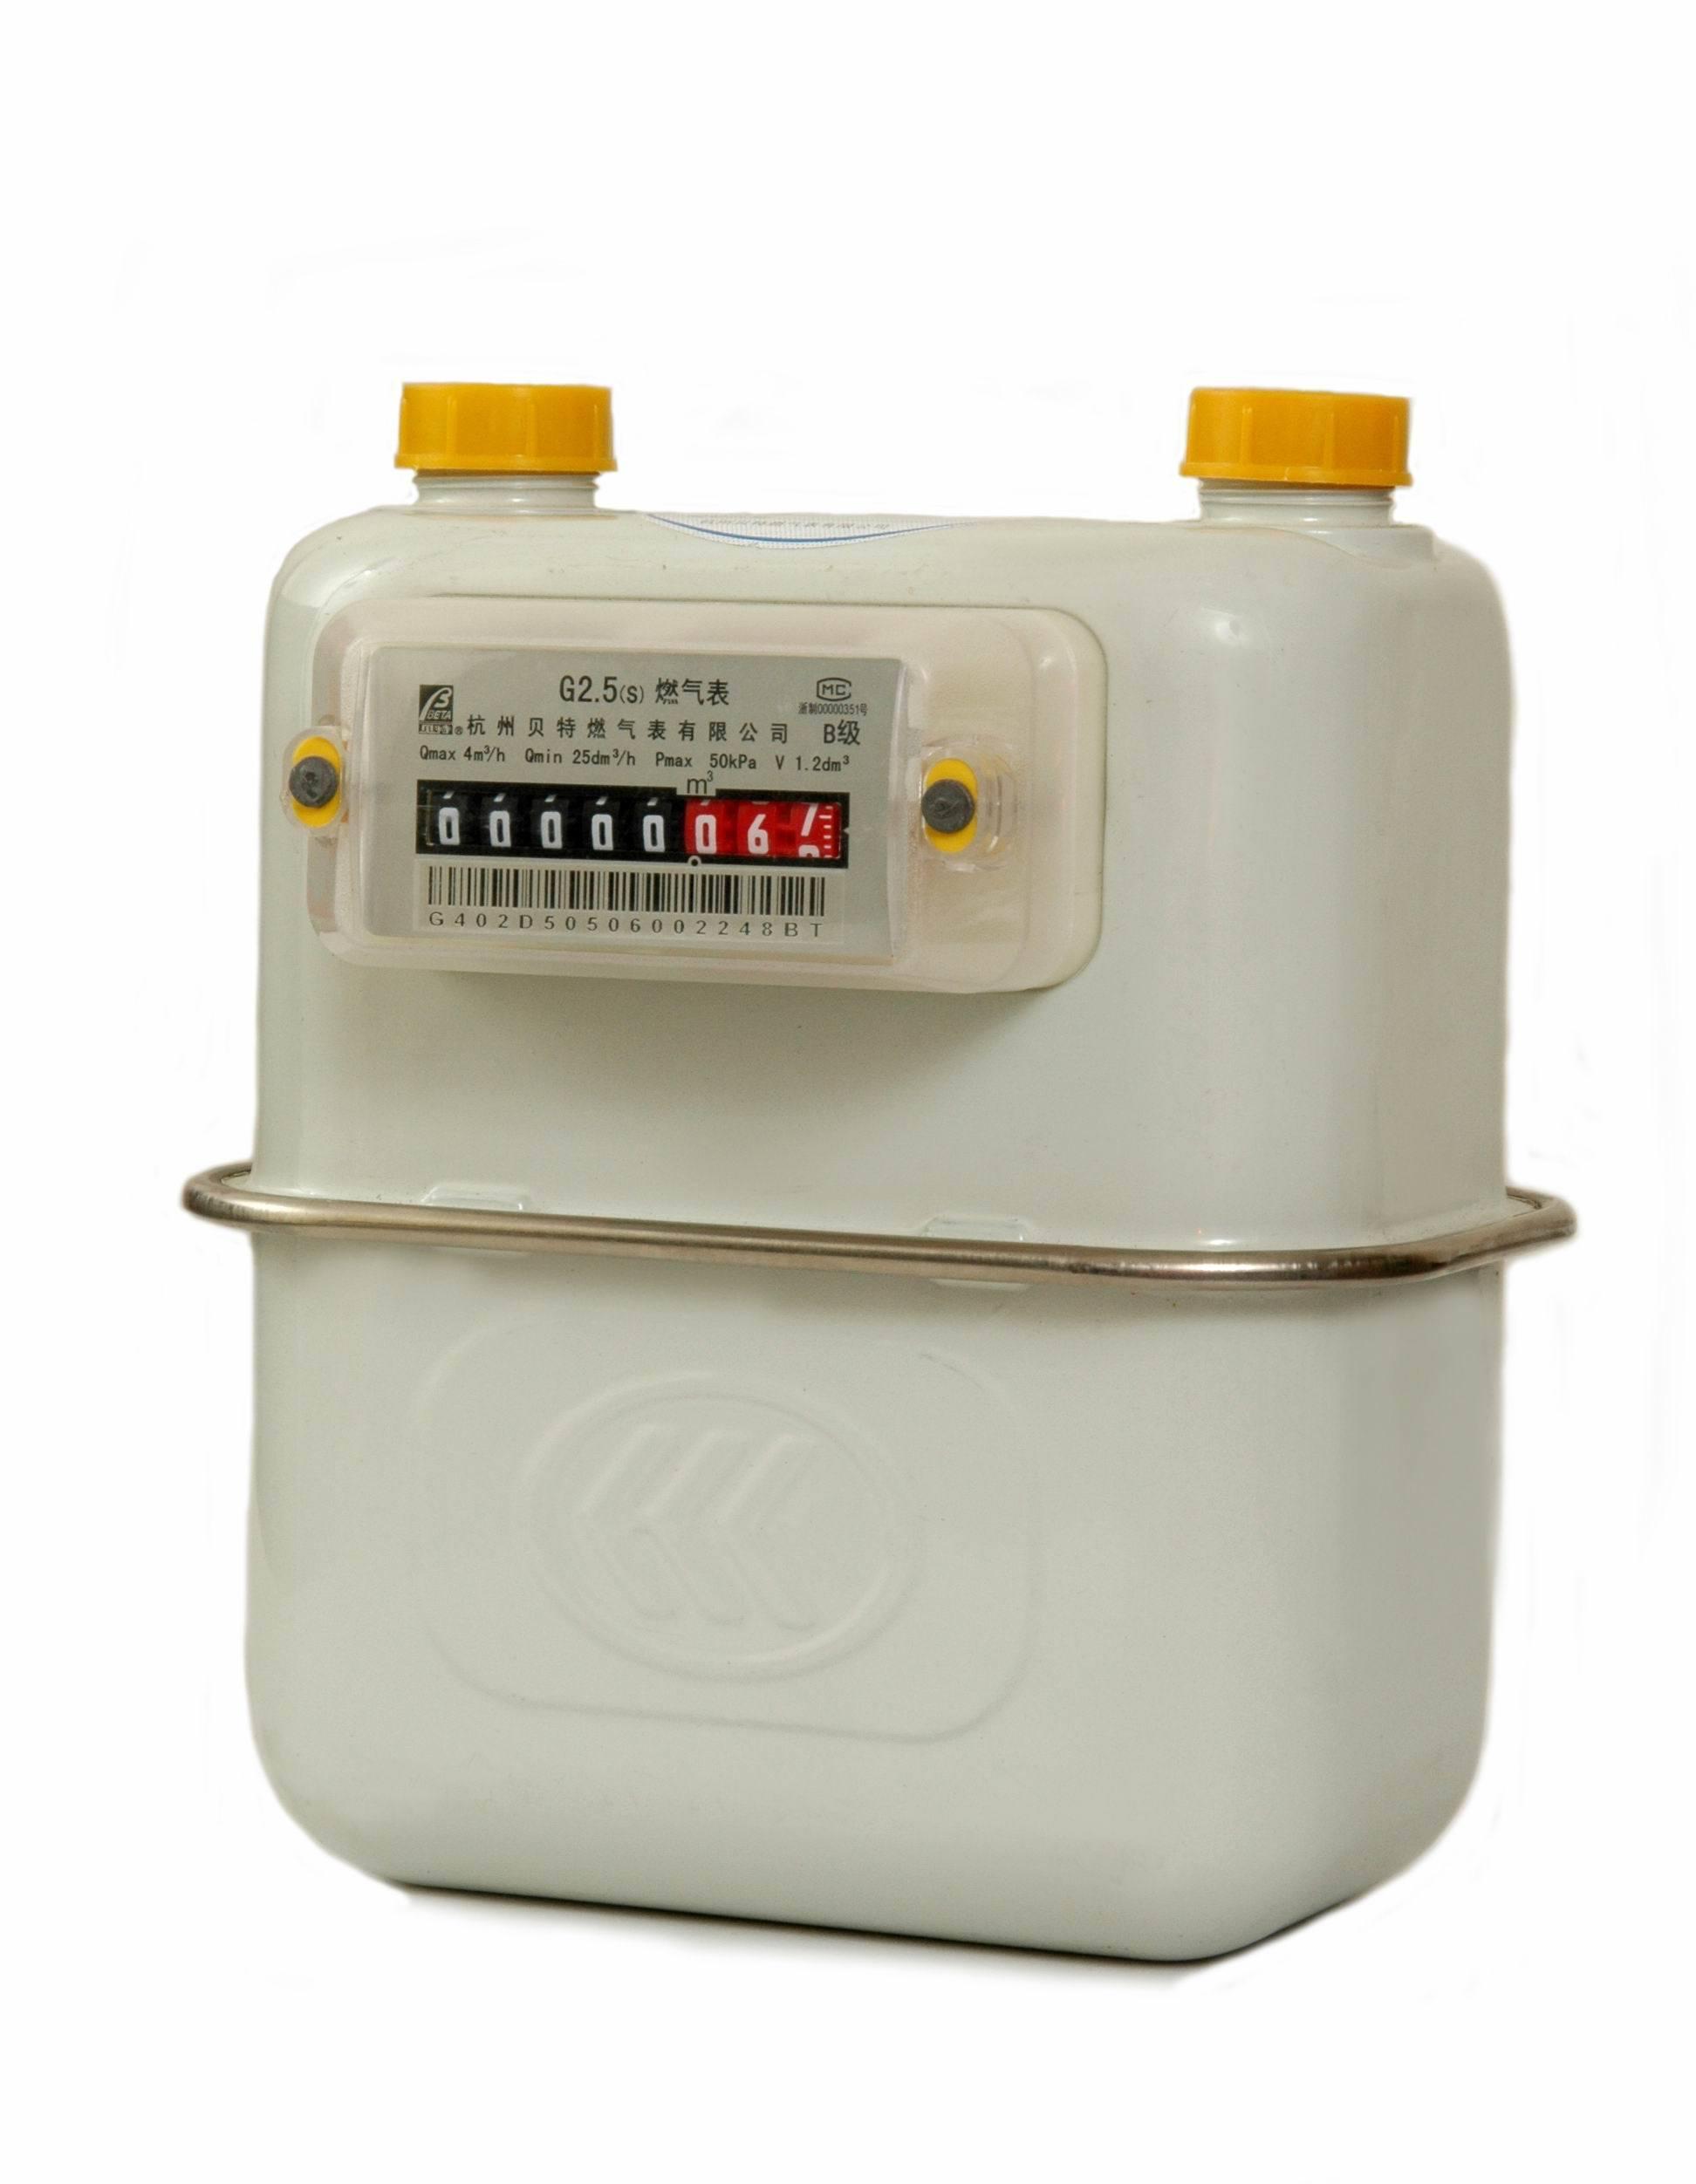 Compteur gaz g1 6s en1359 certifi compteur gaz g1 6s en1359 certifi fo - Compteur gaz individuel ...